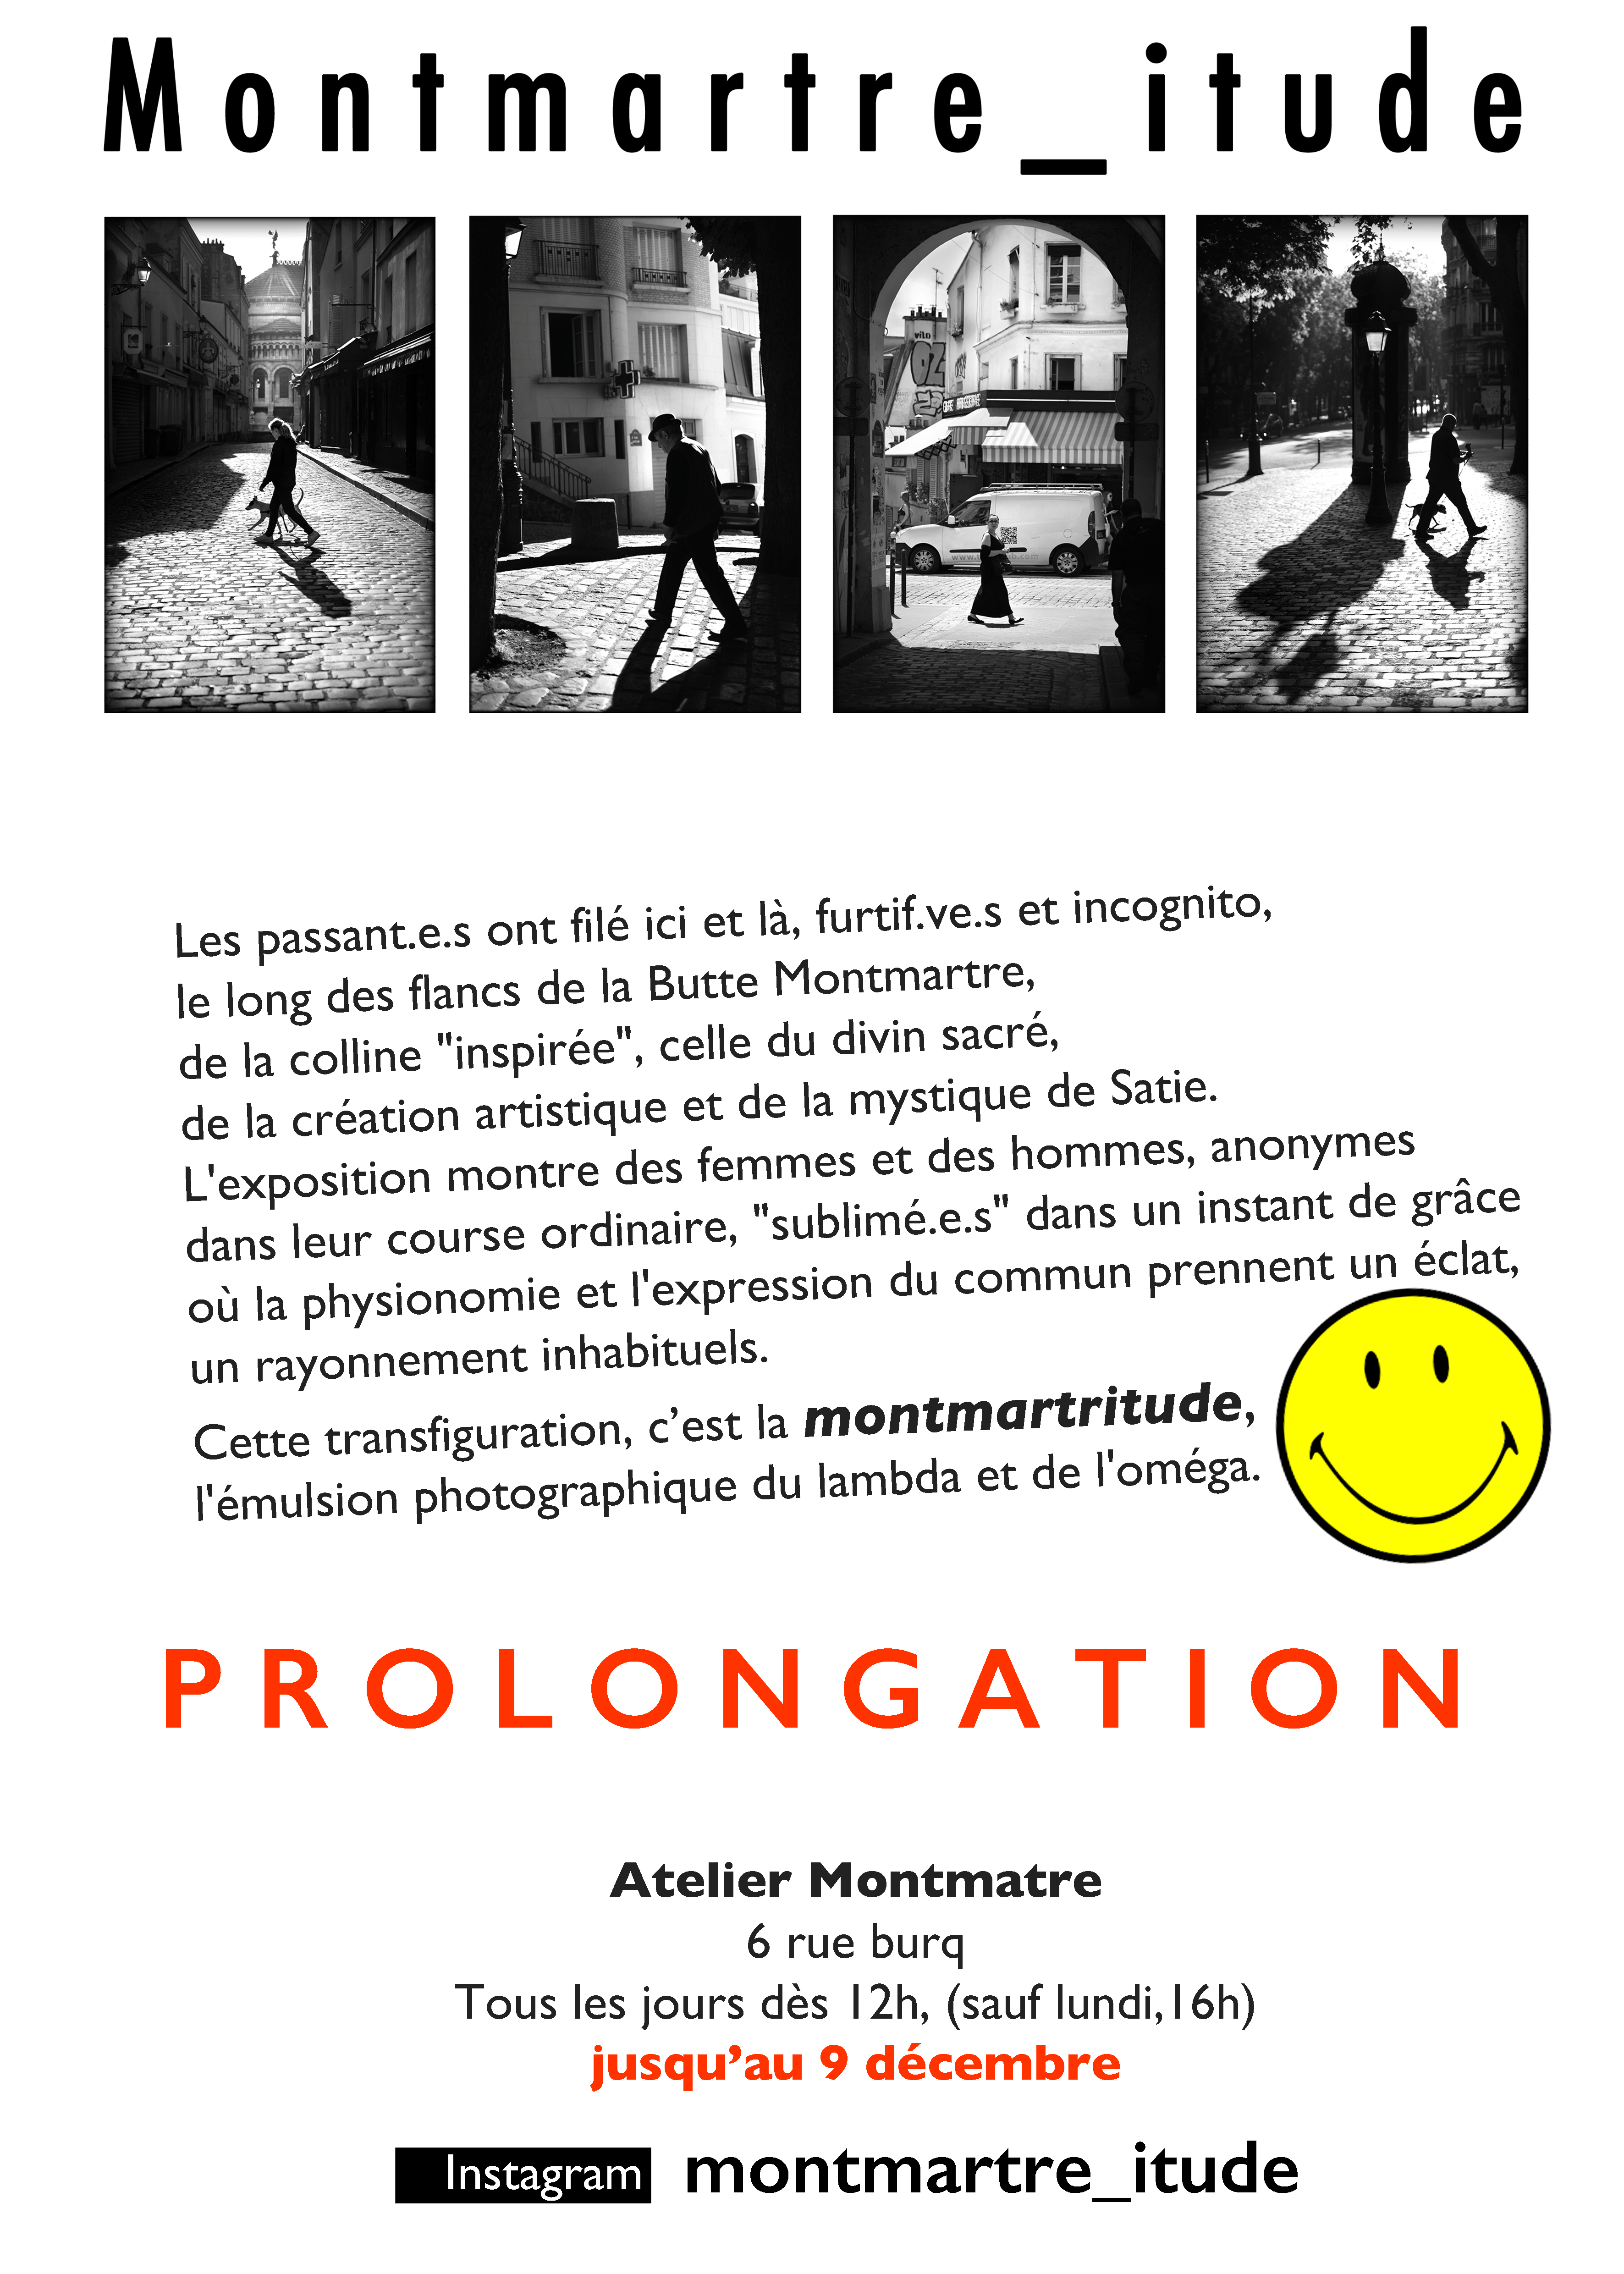 Montmartre itude